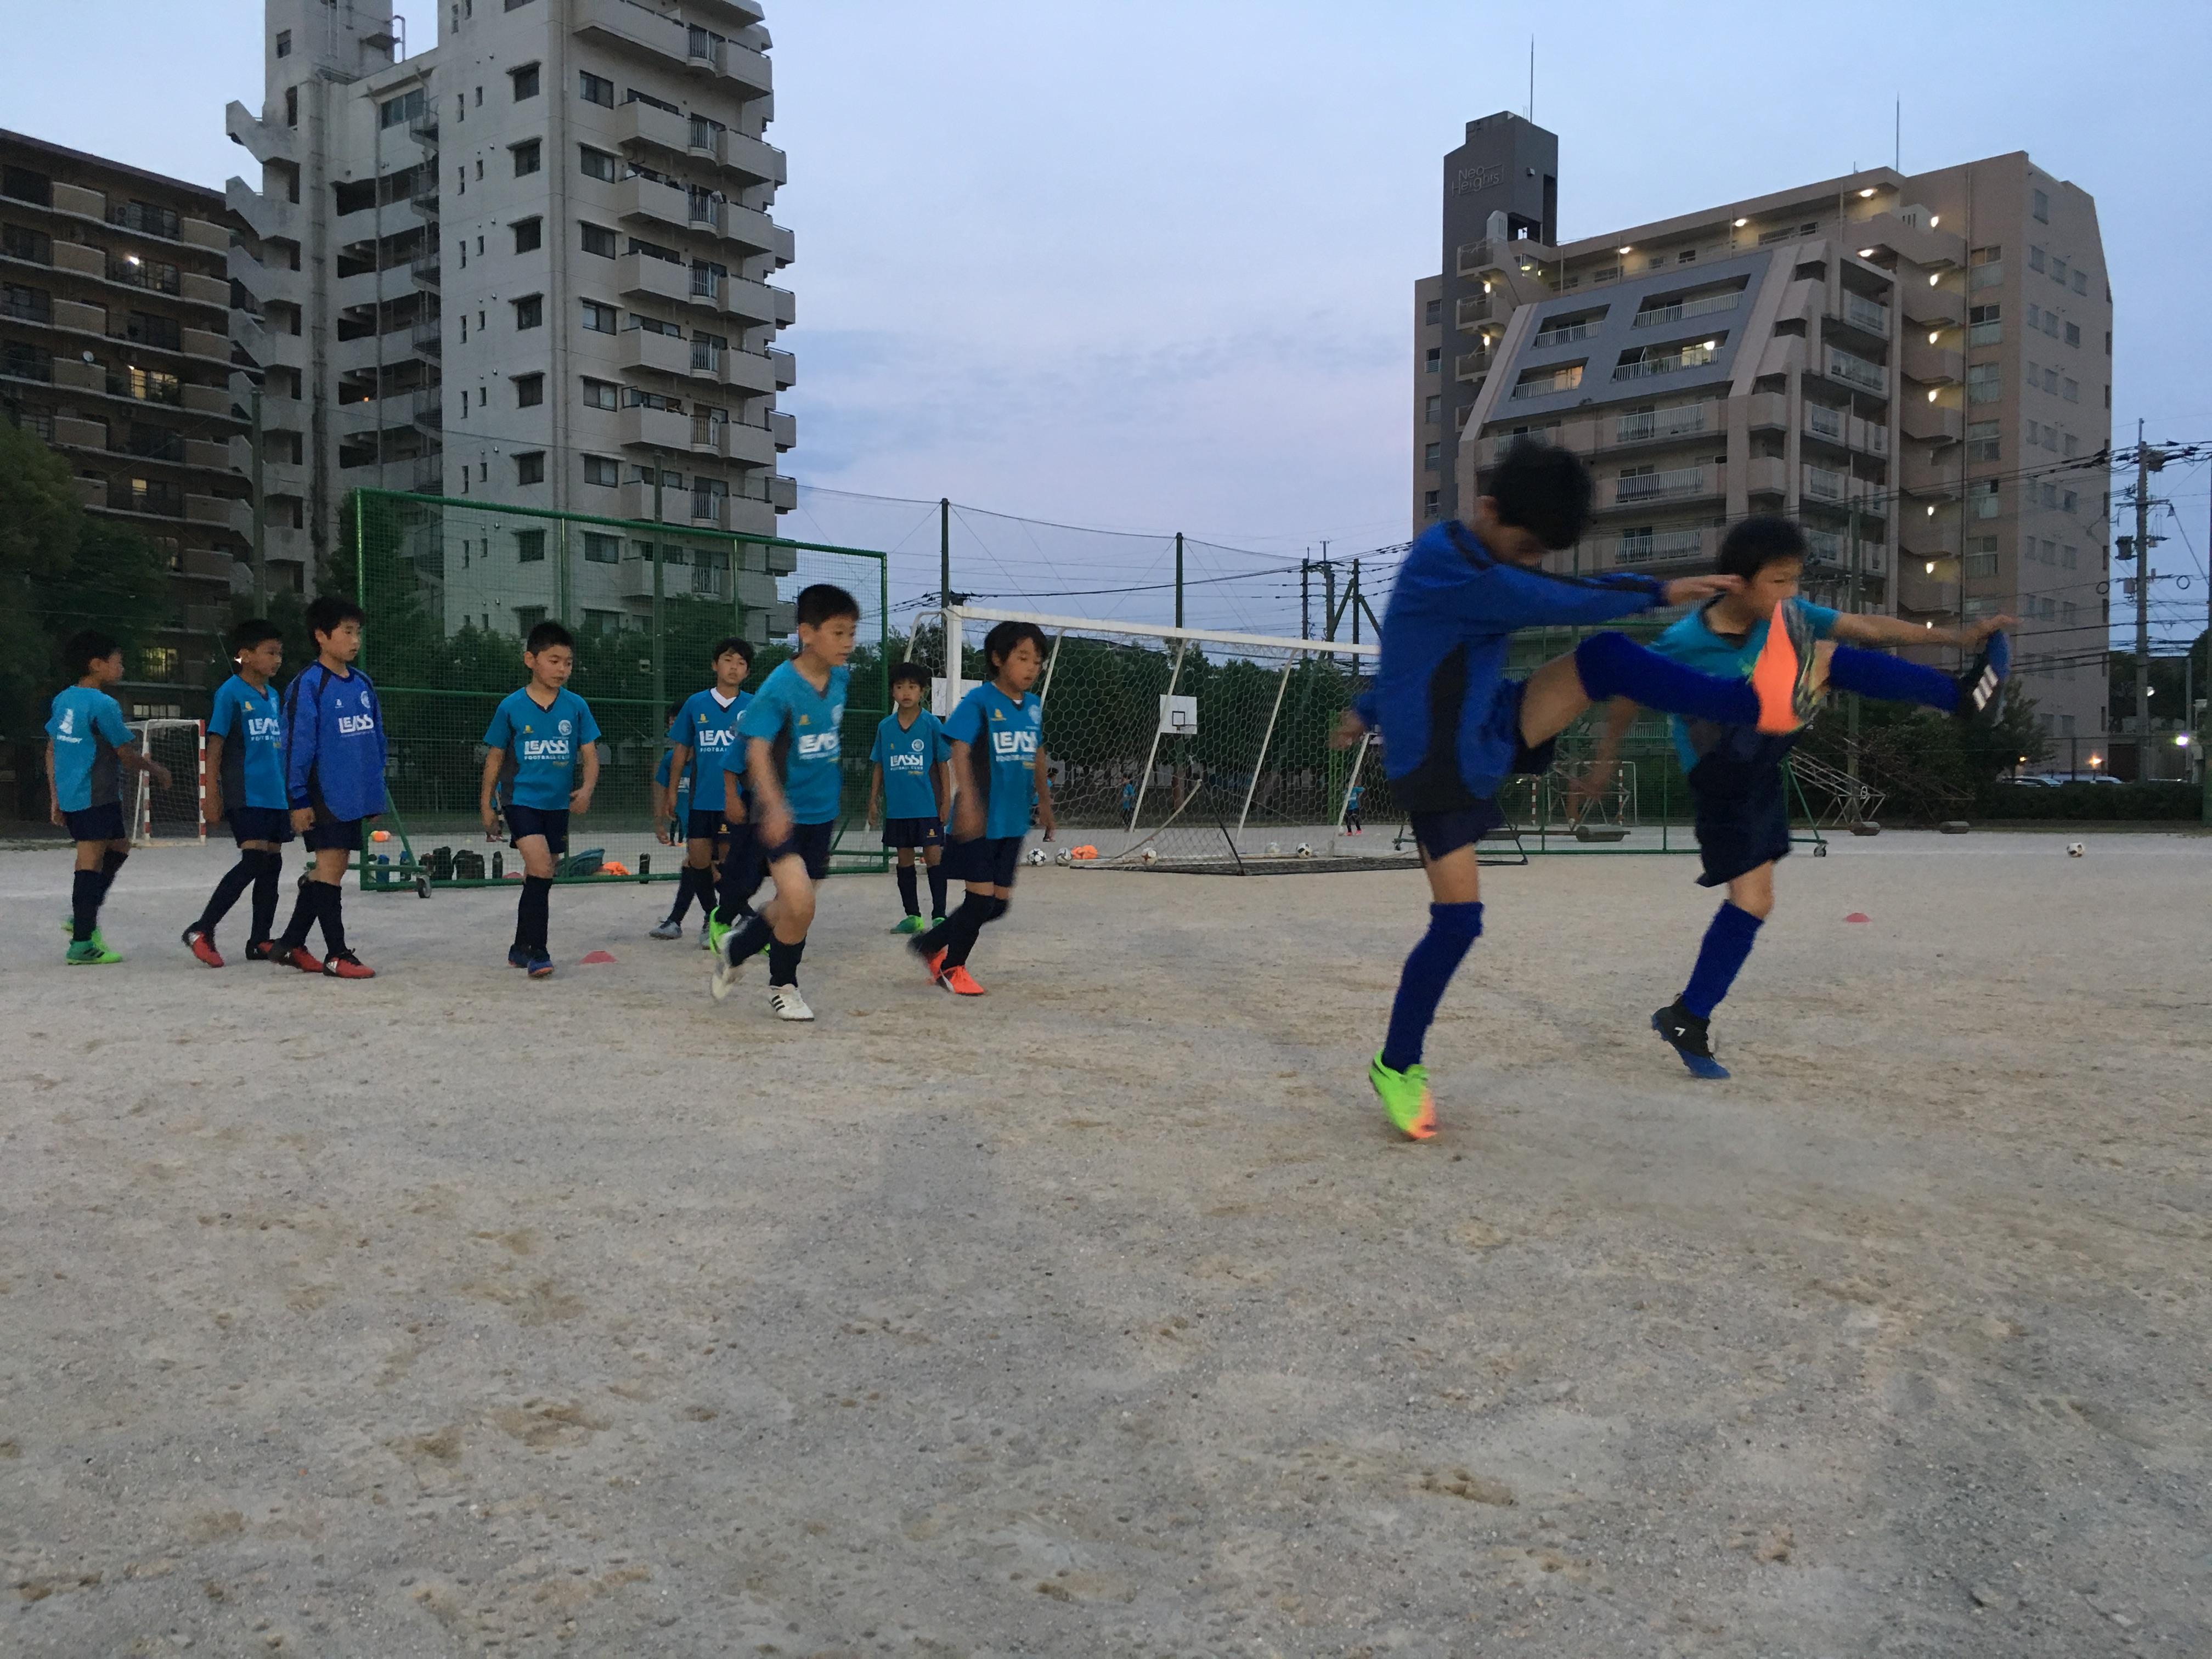 アビスパ福岡、J-WIN戦に向けて 〜U-11・1stチーム 福岡支部1部リーグ〜